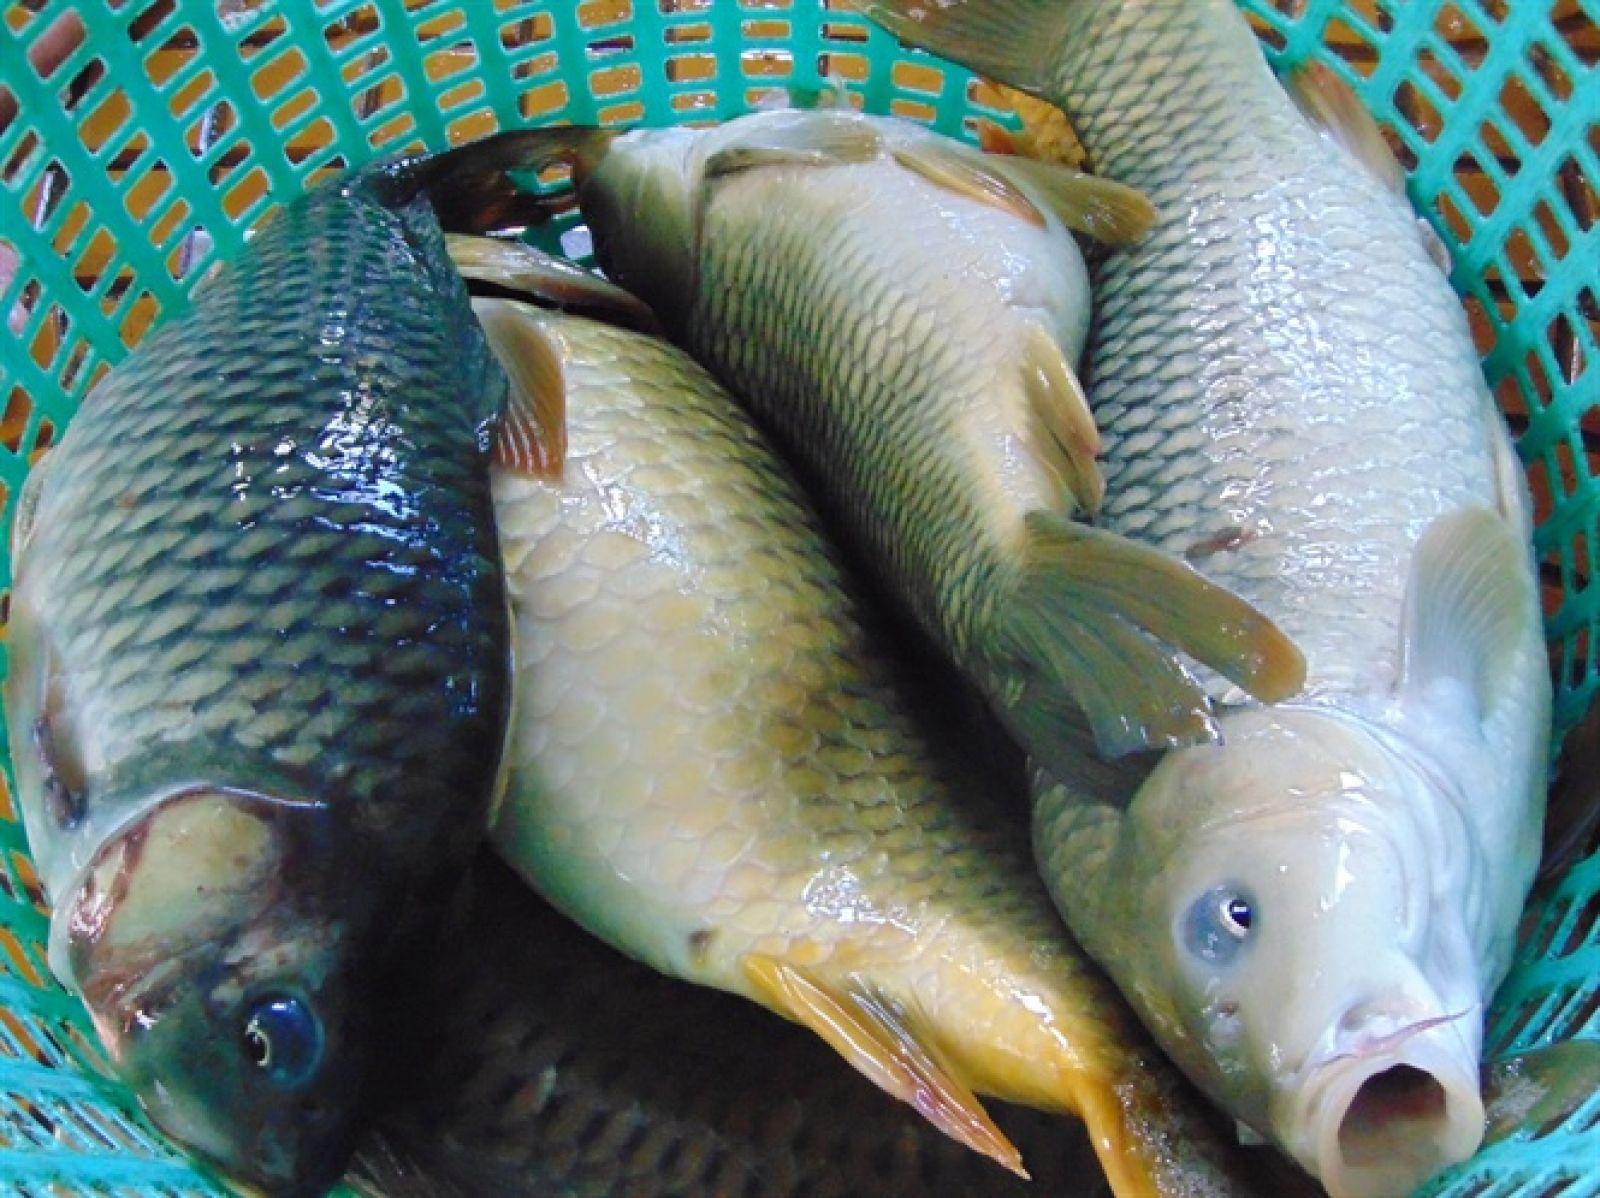 Cá chép giòn có giá từ 400 - 500 ngàn đồng/kg tại các nhà hàng đặc sản